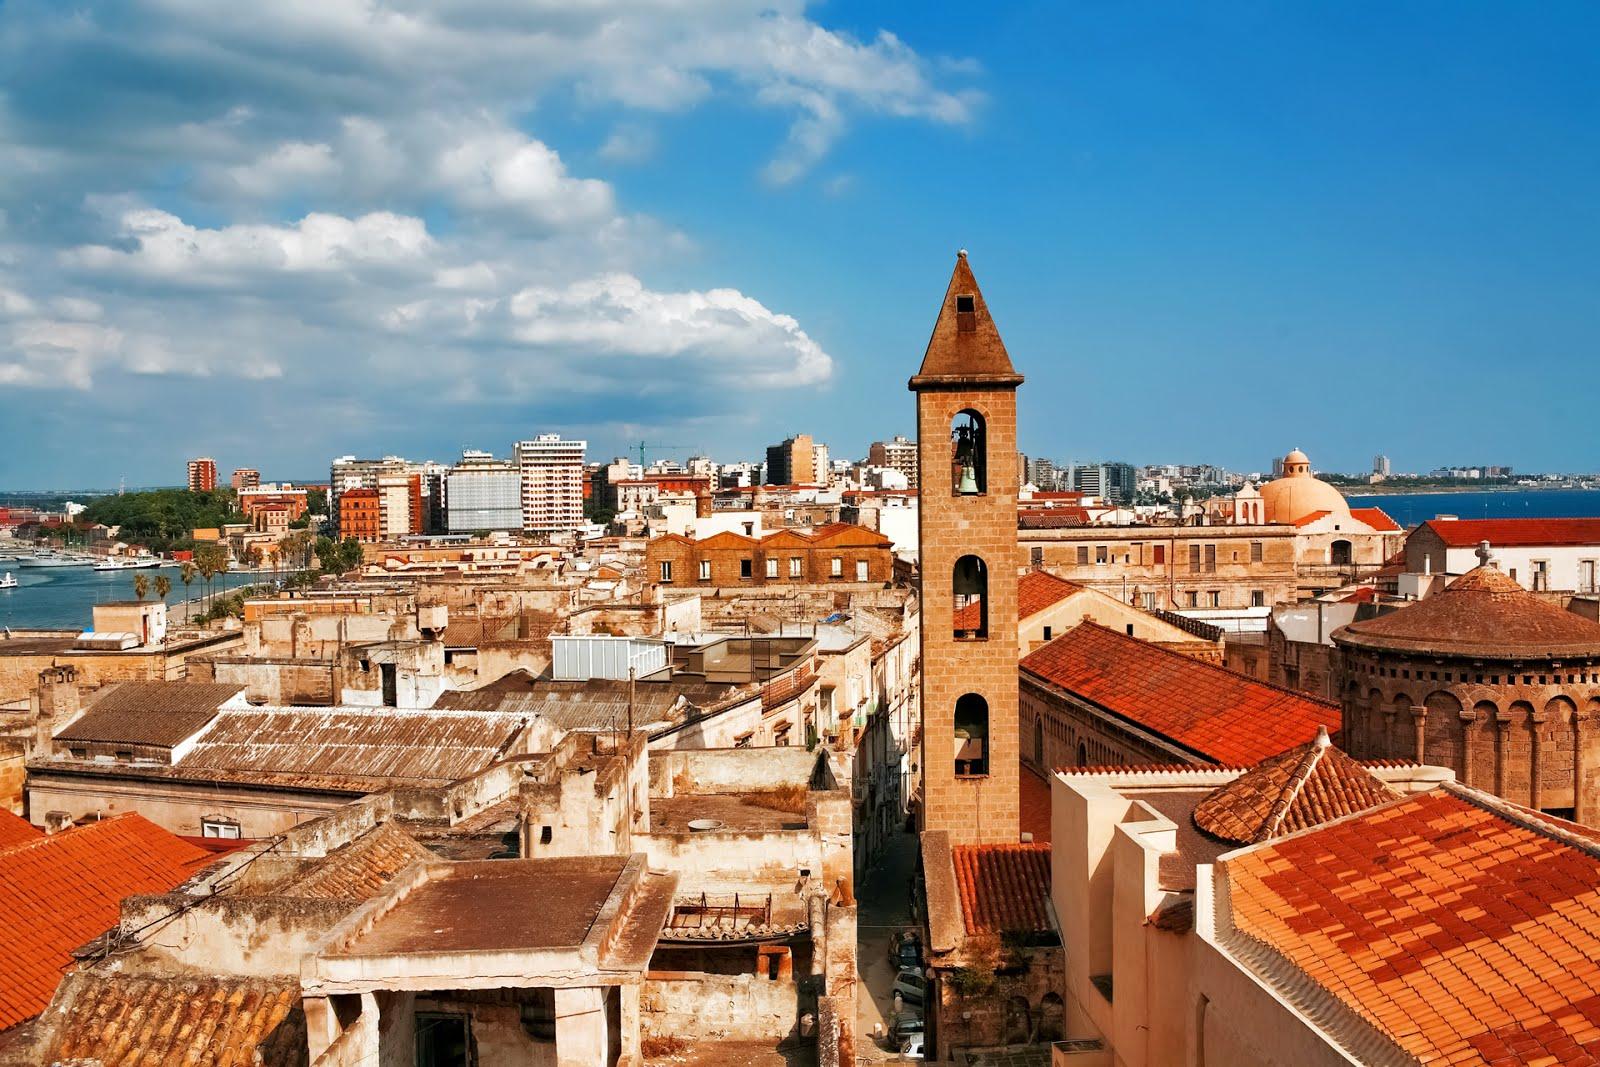 S1600 vista aerea de la ciudad de napoles italia naples city italy jpg